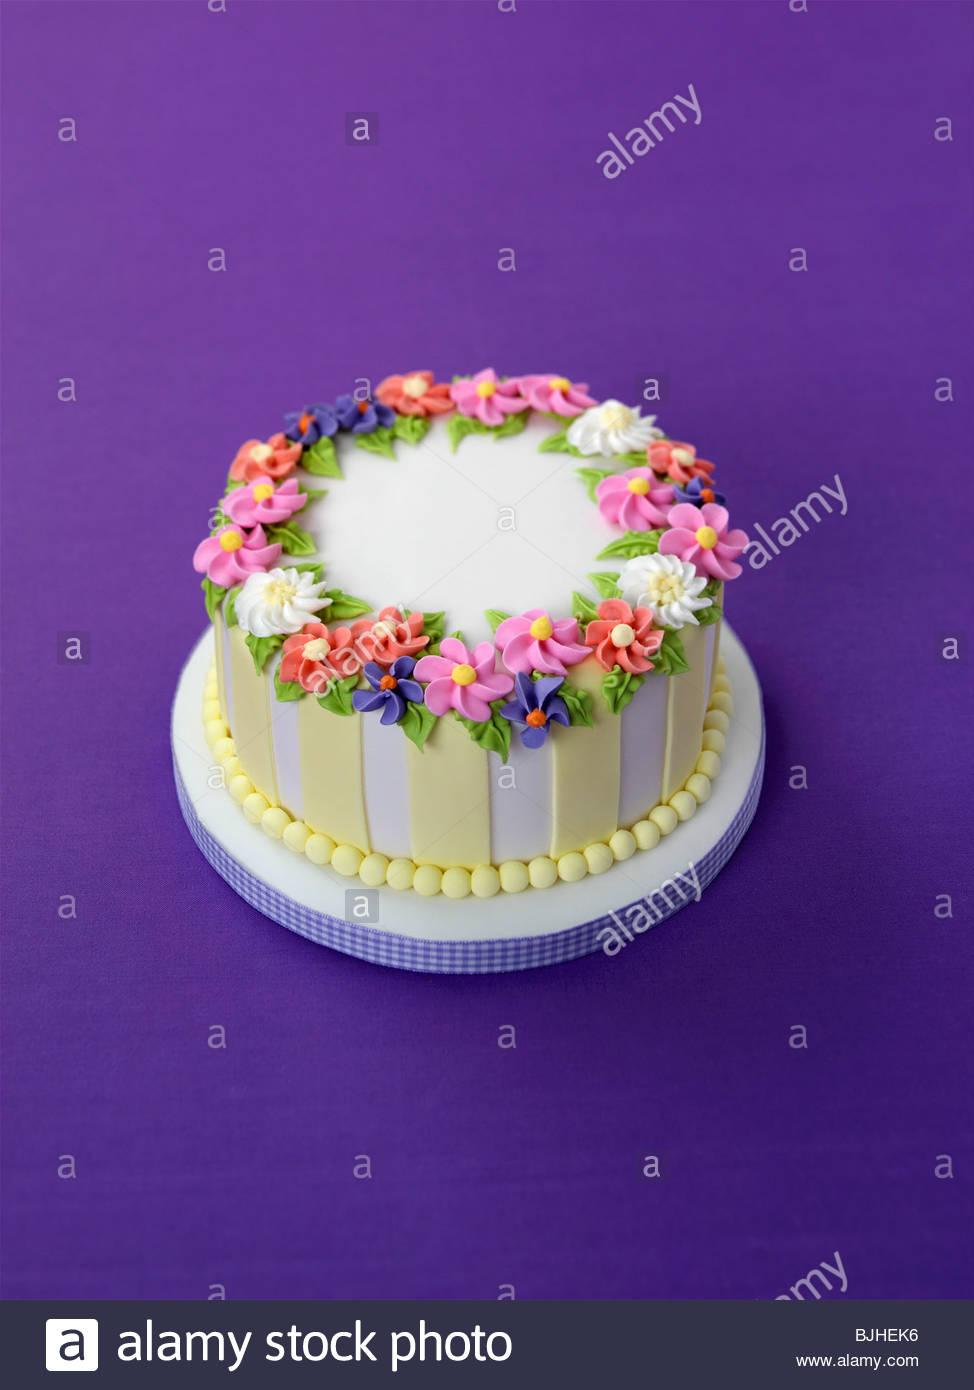 Summery azúcar tarta con flores para la ocasión especial Imagen De Stock